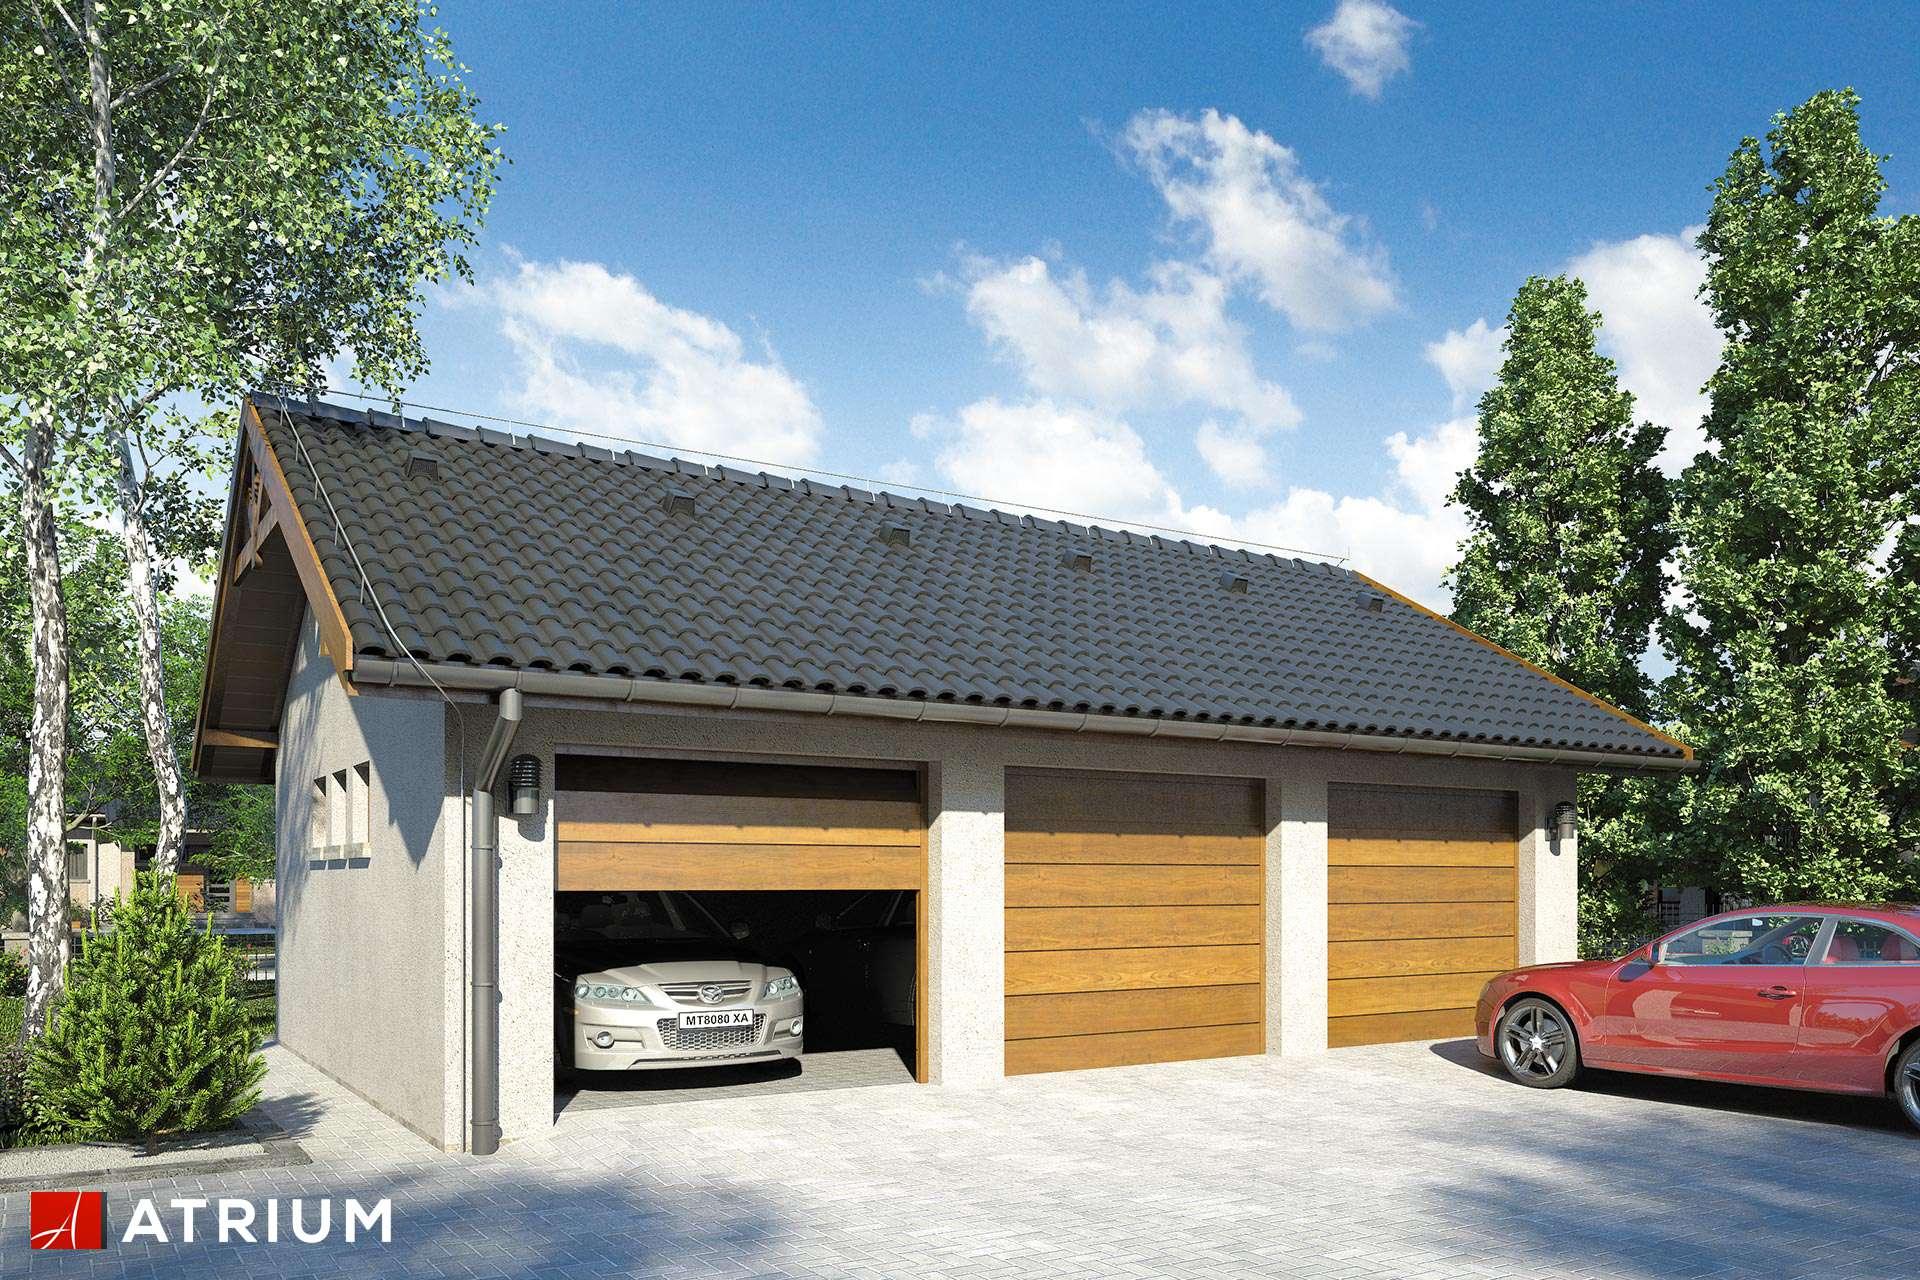 Projekt Garażu Z 21 Garaż Trzystanowiskowy Parterowy Studio Atrium